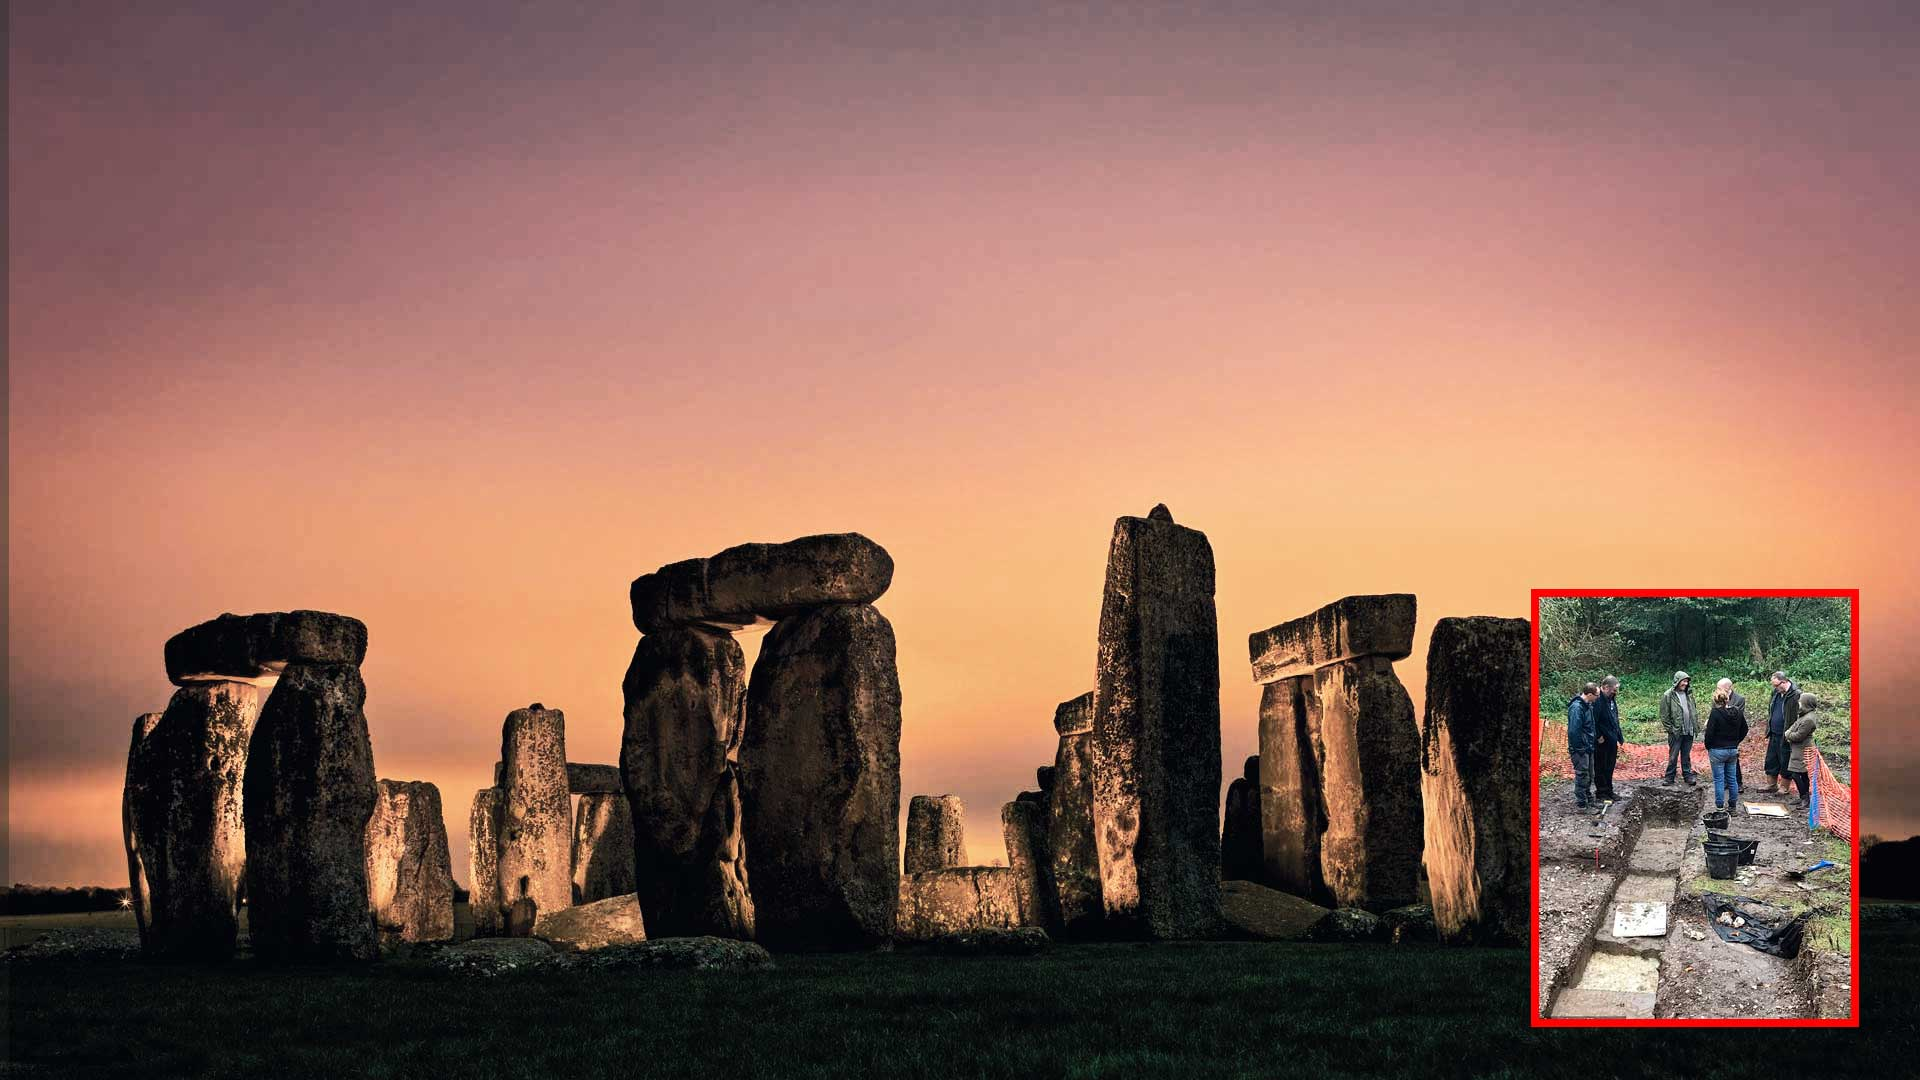 Graves daños en Stonehenge a causa de túnel construido en las inmediaciones